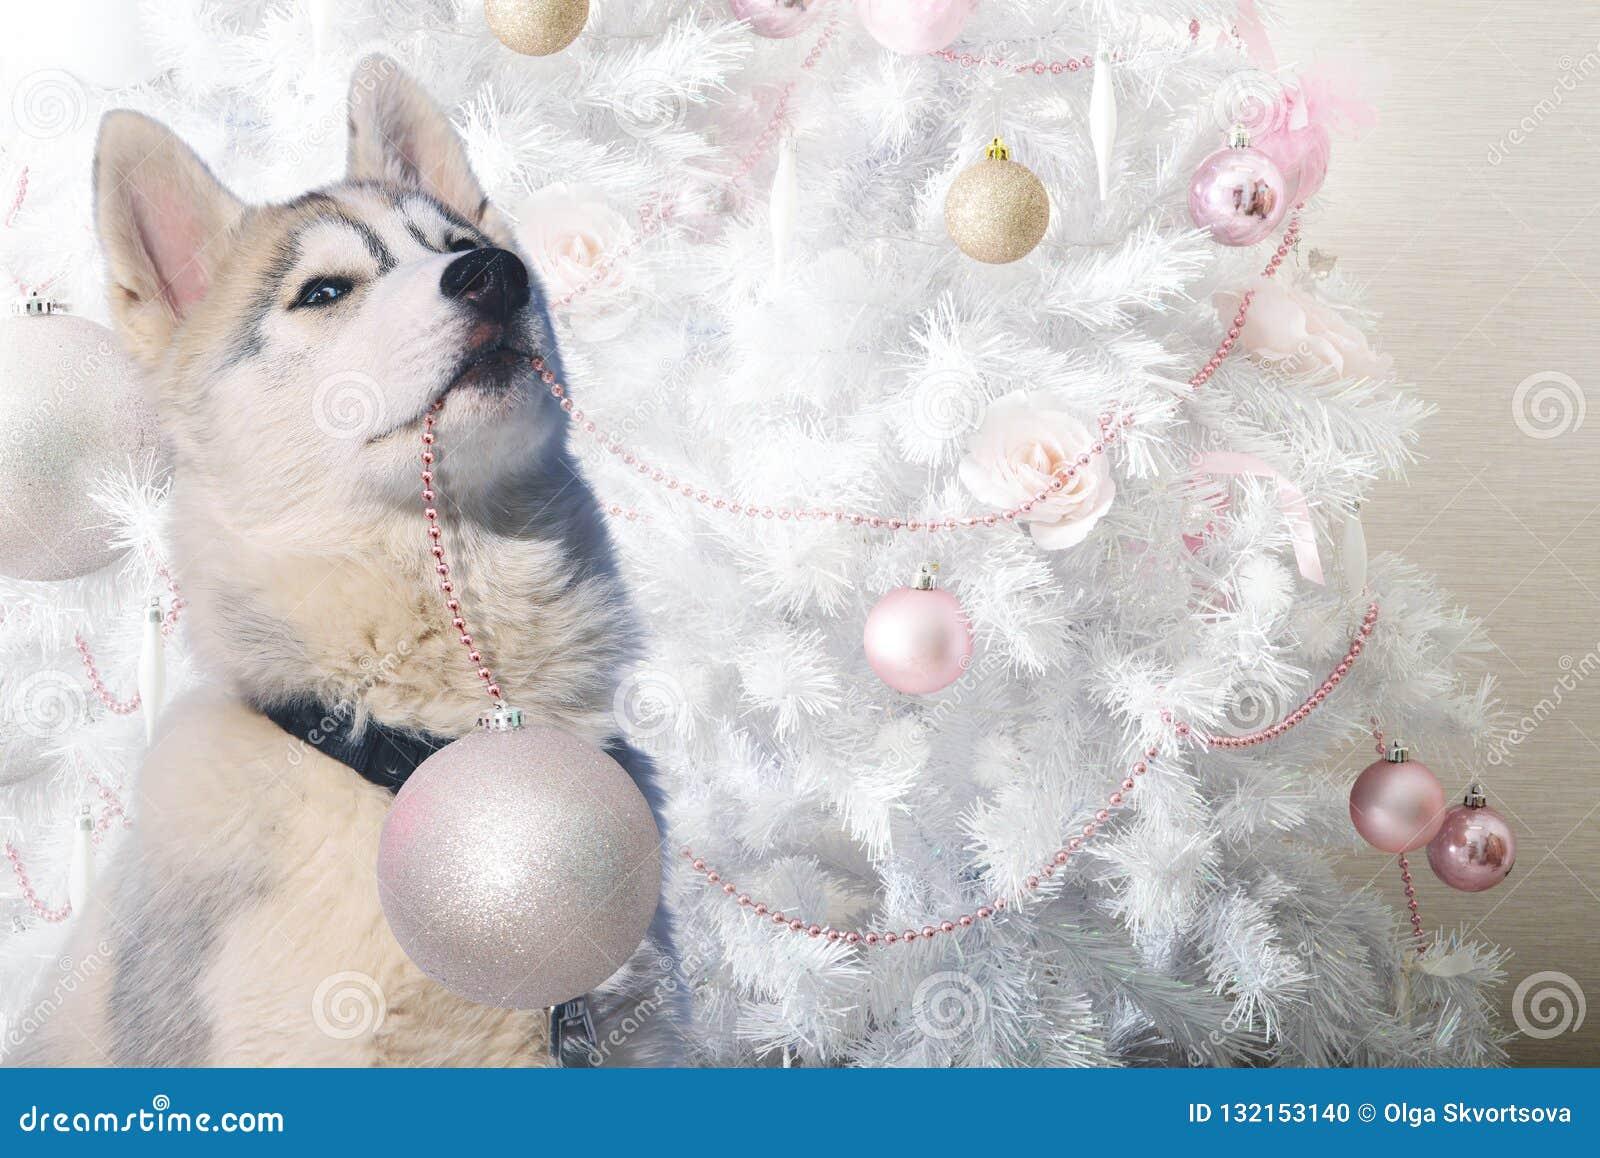 Смешная лайка щенка помогает украсить рождественскую елку